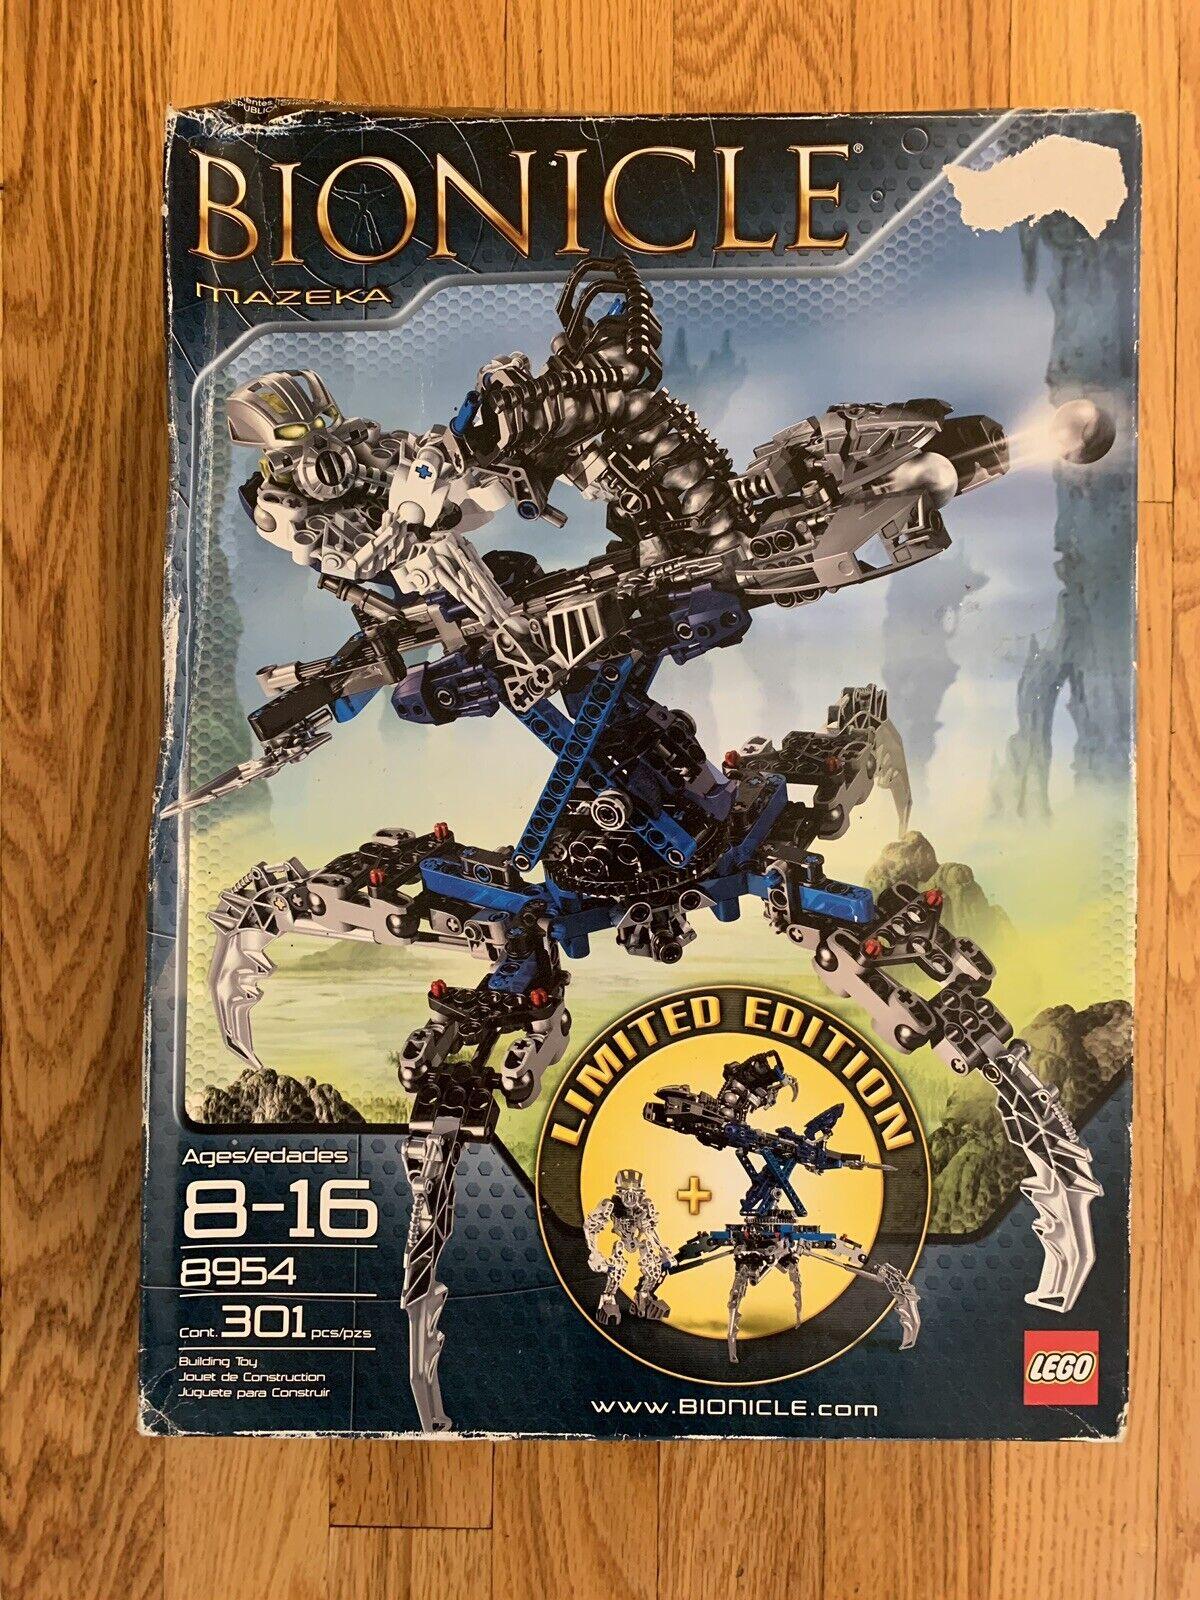 Lego  Bionicle Limited edizione 8954 MAZEKA Set Walmart Exclusive nuovo in scatola  edizione limitata a caldo